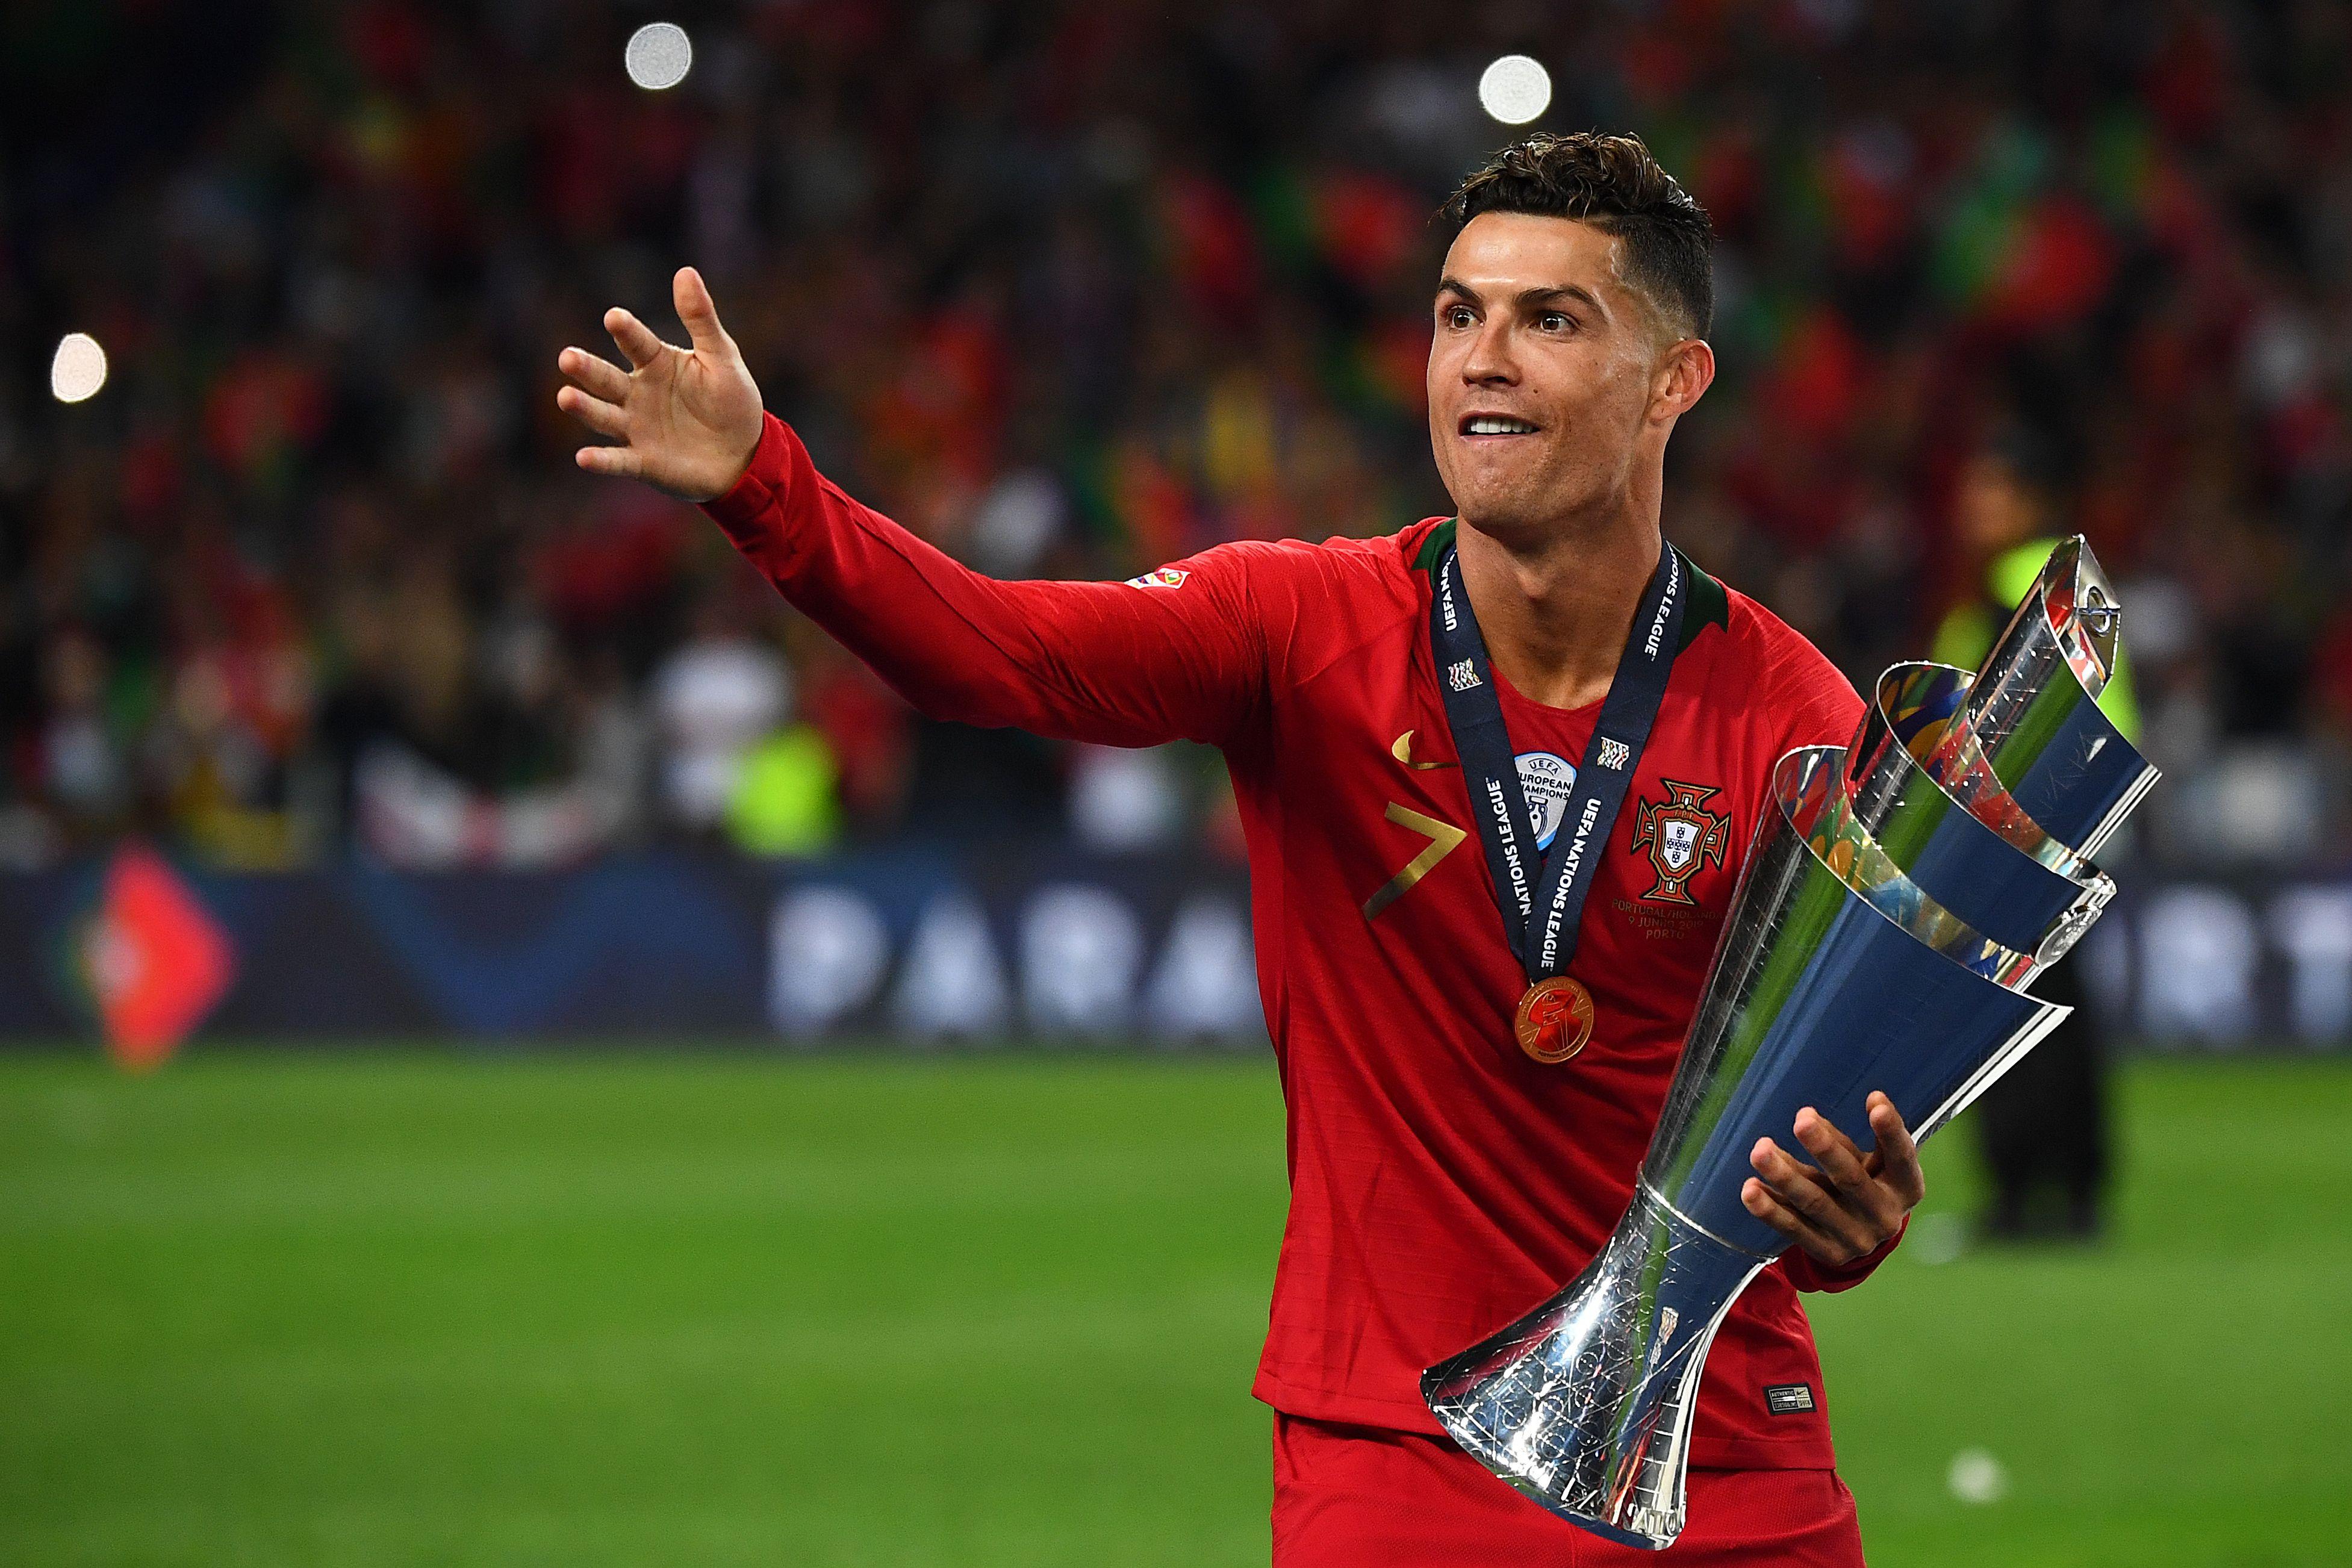 Portugal schlägt die Niederlande verdient und ist erster Sieger der Nations League.